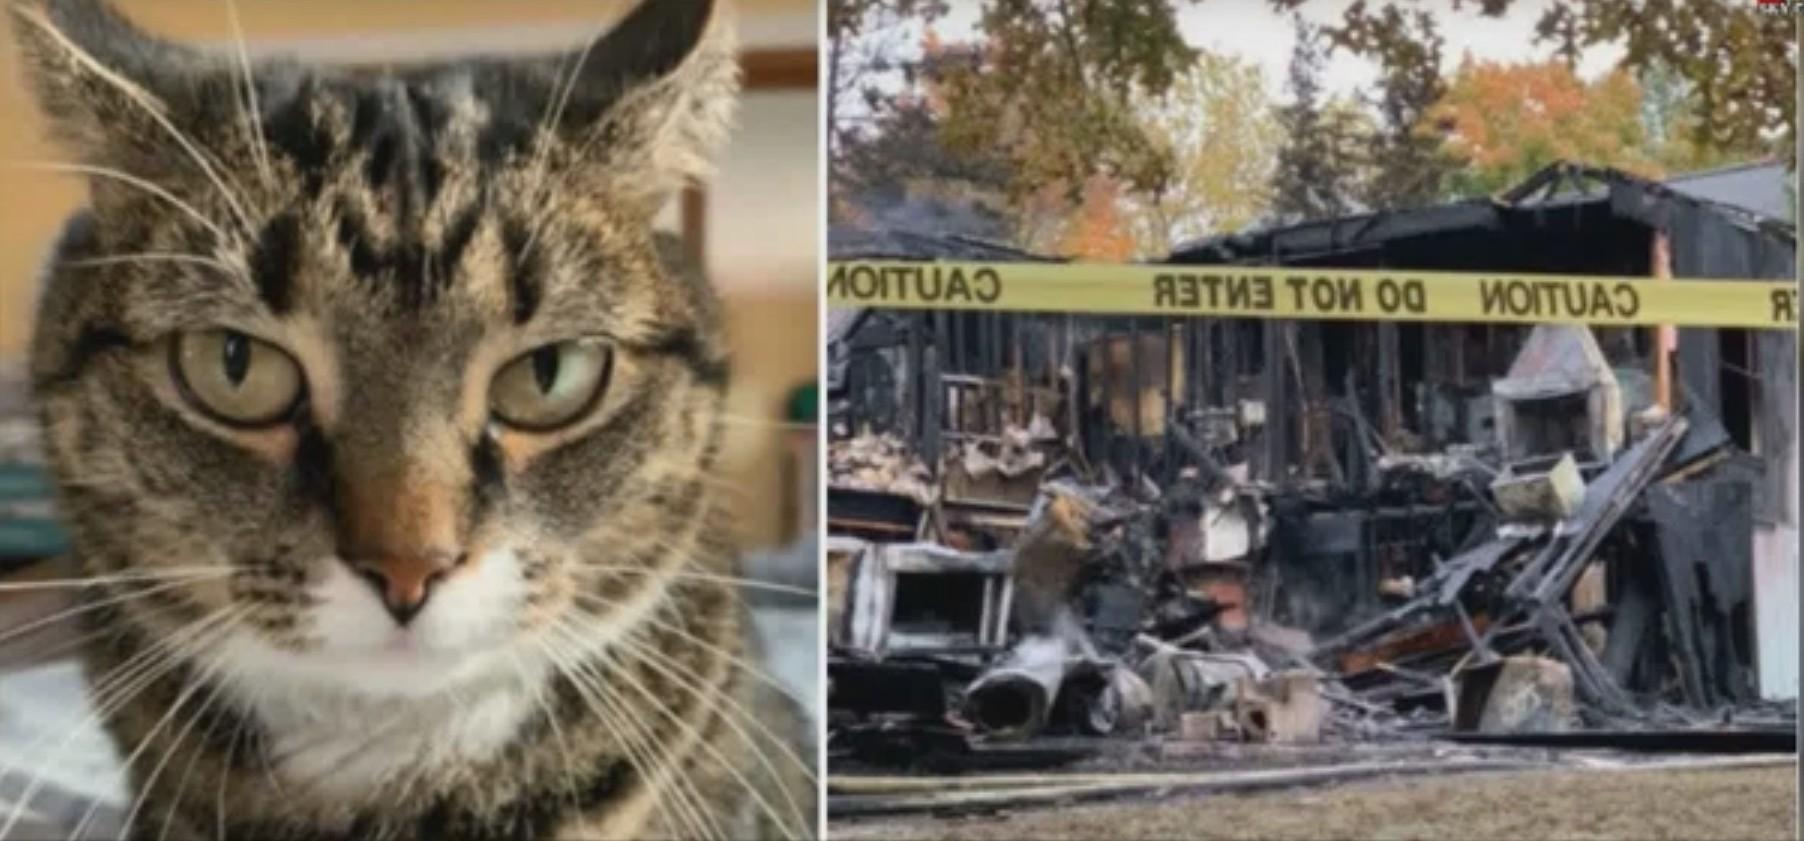 曾經被遺棄路邊的小貓獲主人收留,5年後報恩,在火災中叫醒主人,及時救了她一命。(左圖)長大後的凱蒂。(右圖)火災後,之前的房屋變成廢墟。(影片截圖)